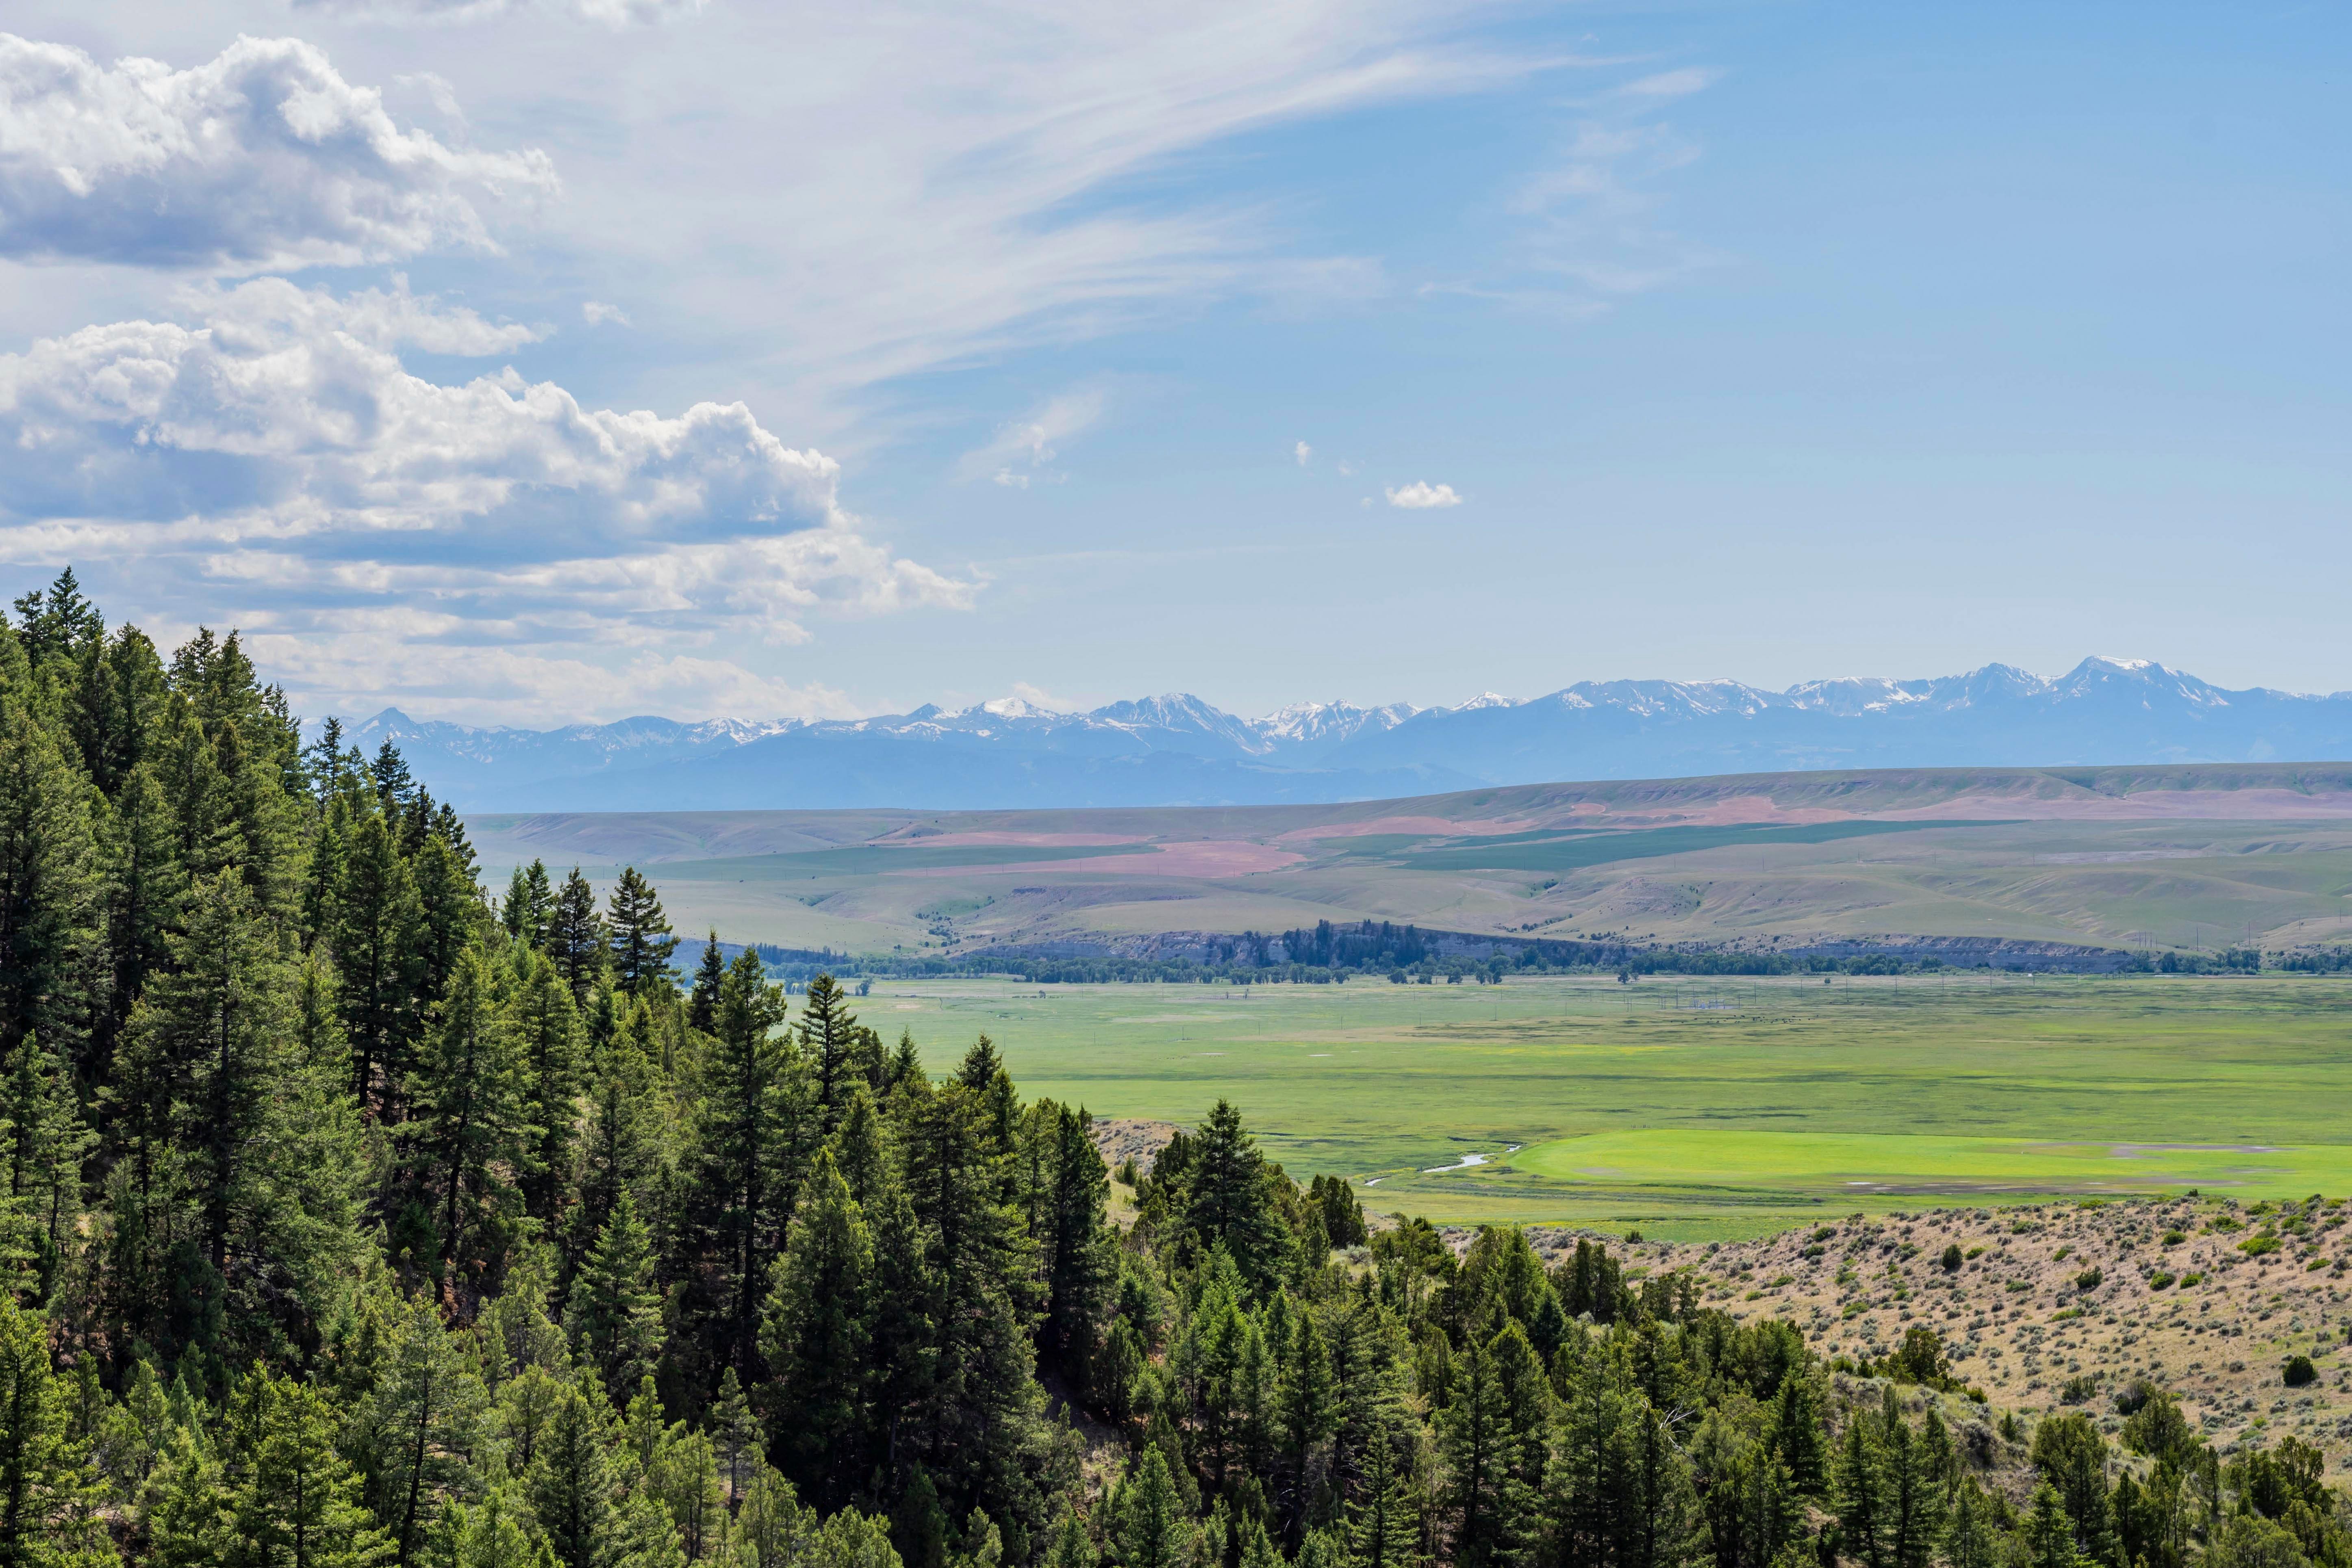 buffalo jump state park in Montana